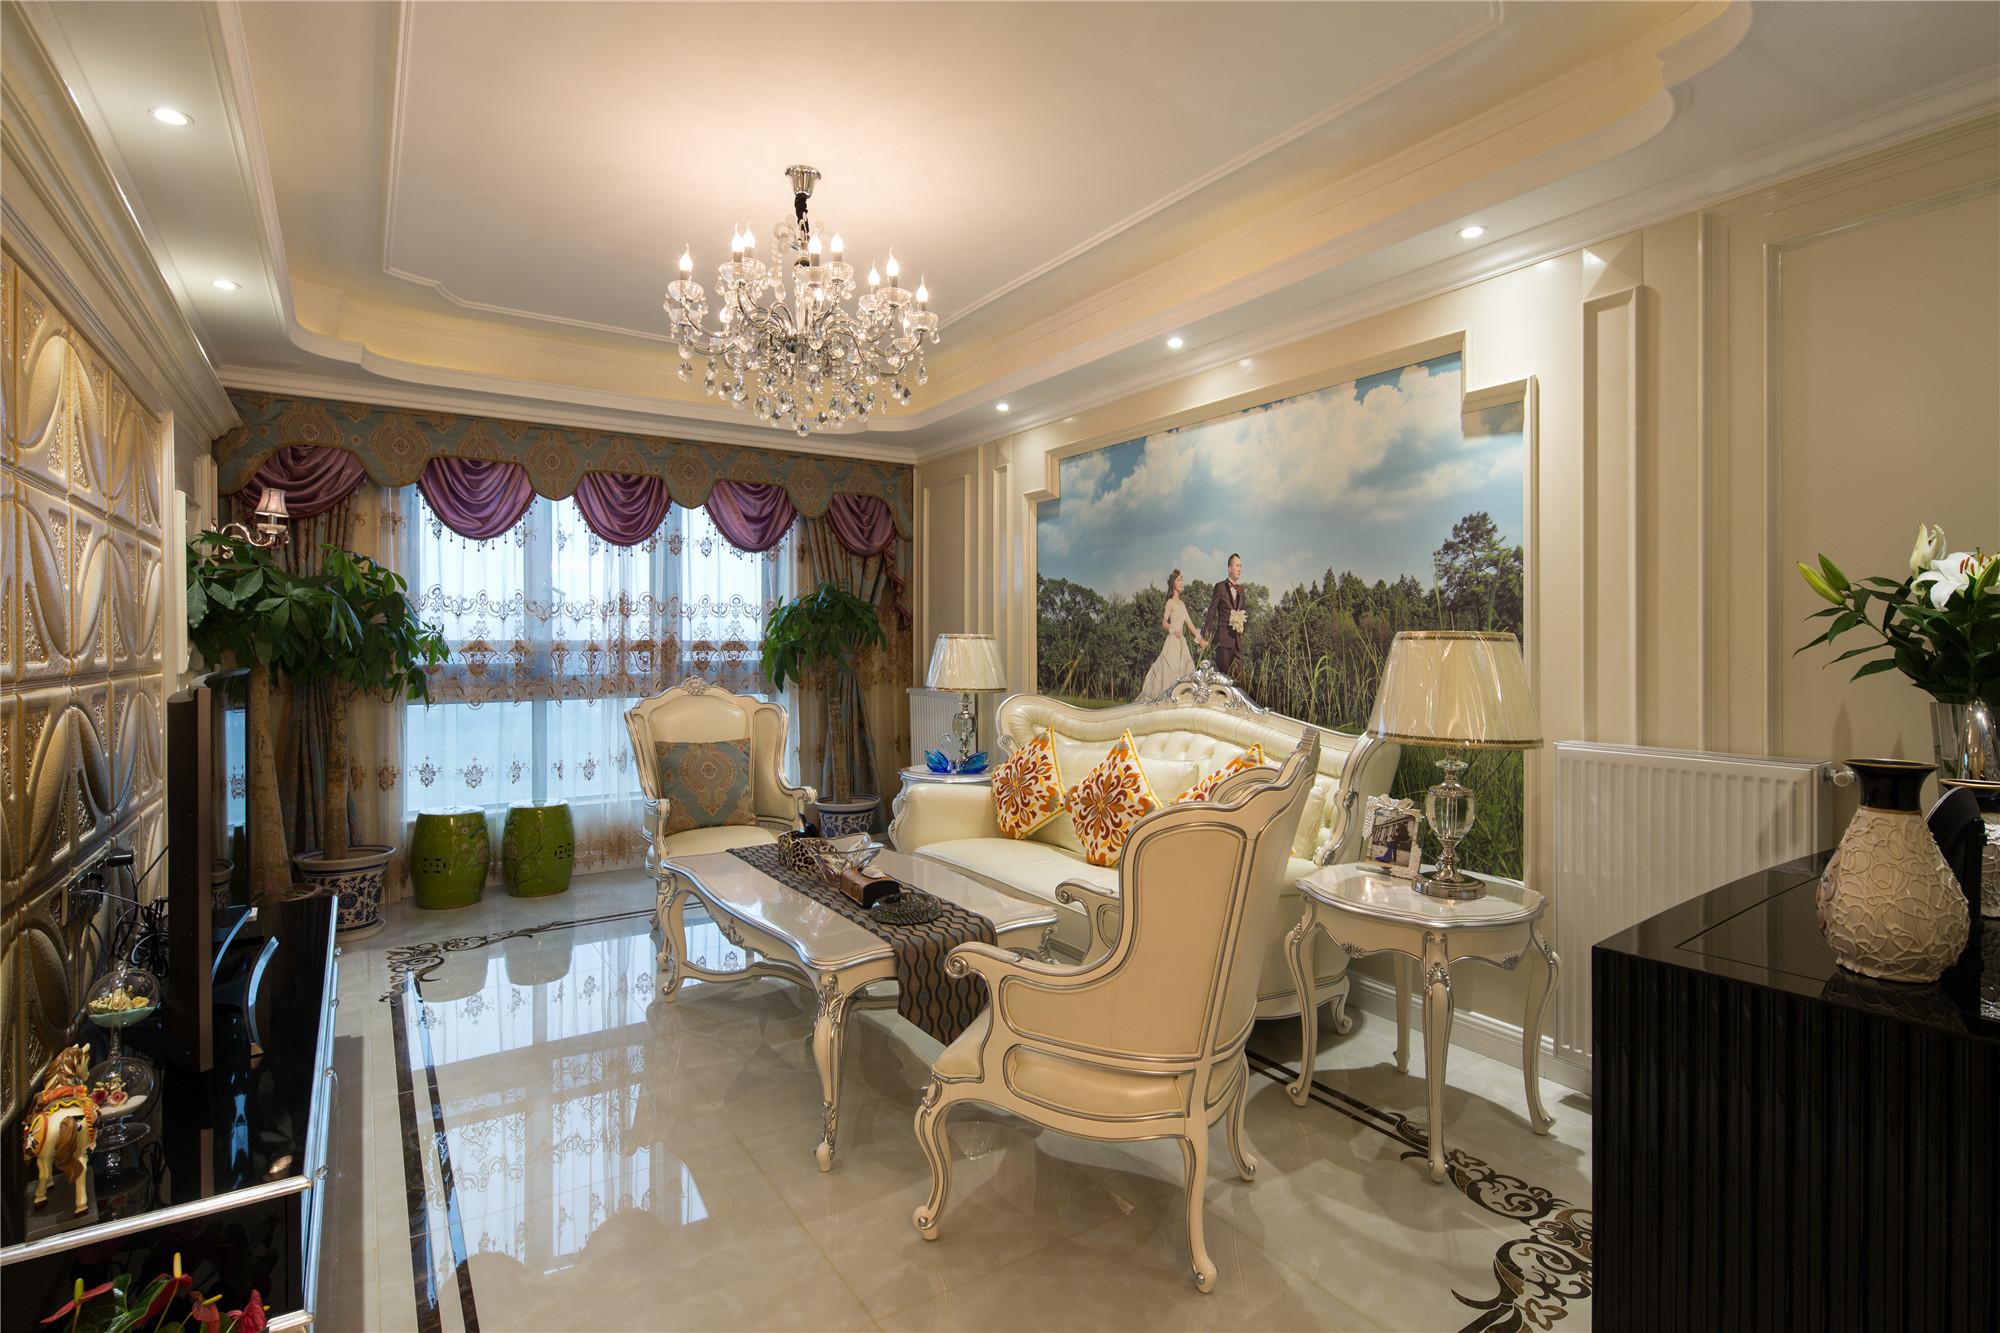 装修效果图 家居美图 欧式风格客厅三层连体别墅简洁2013欧式客厅装潢